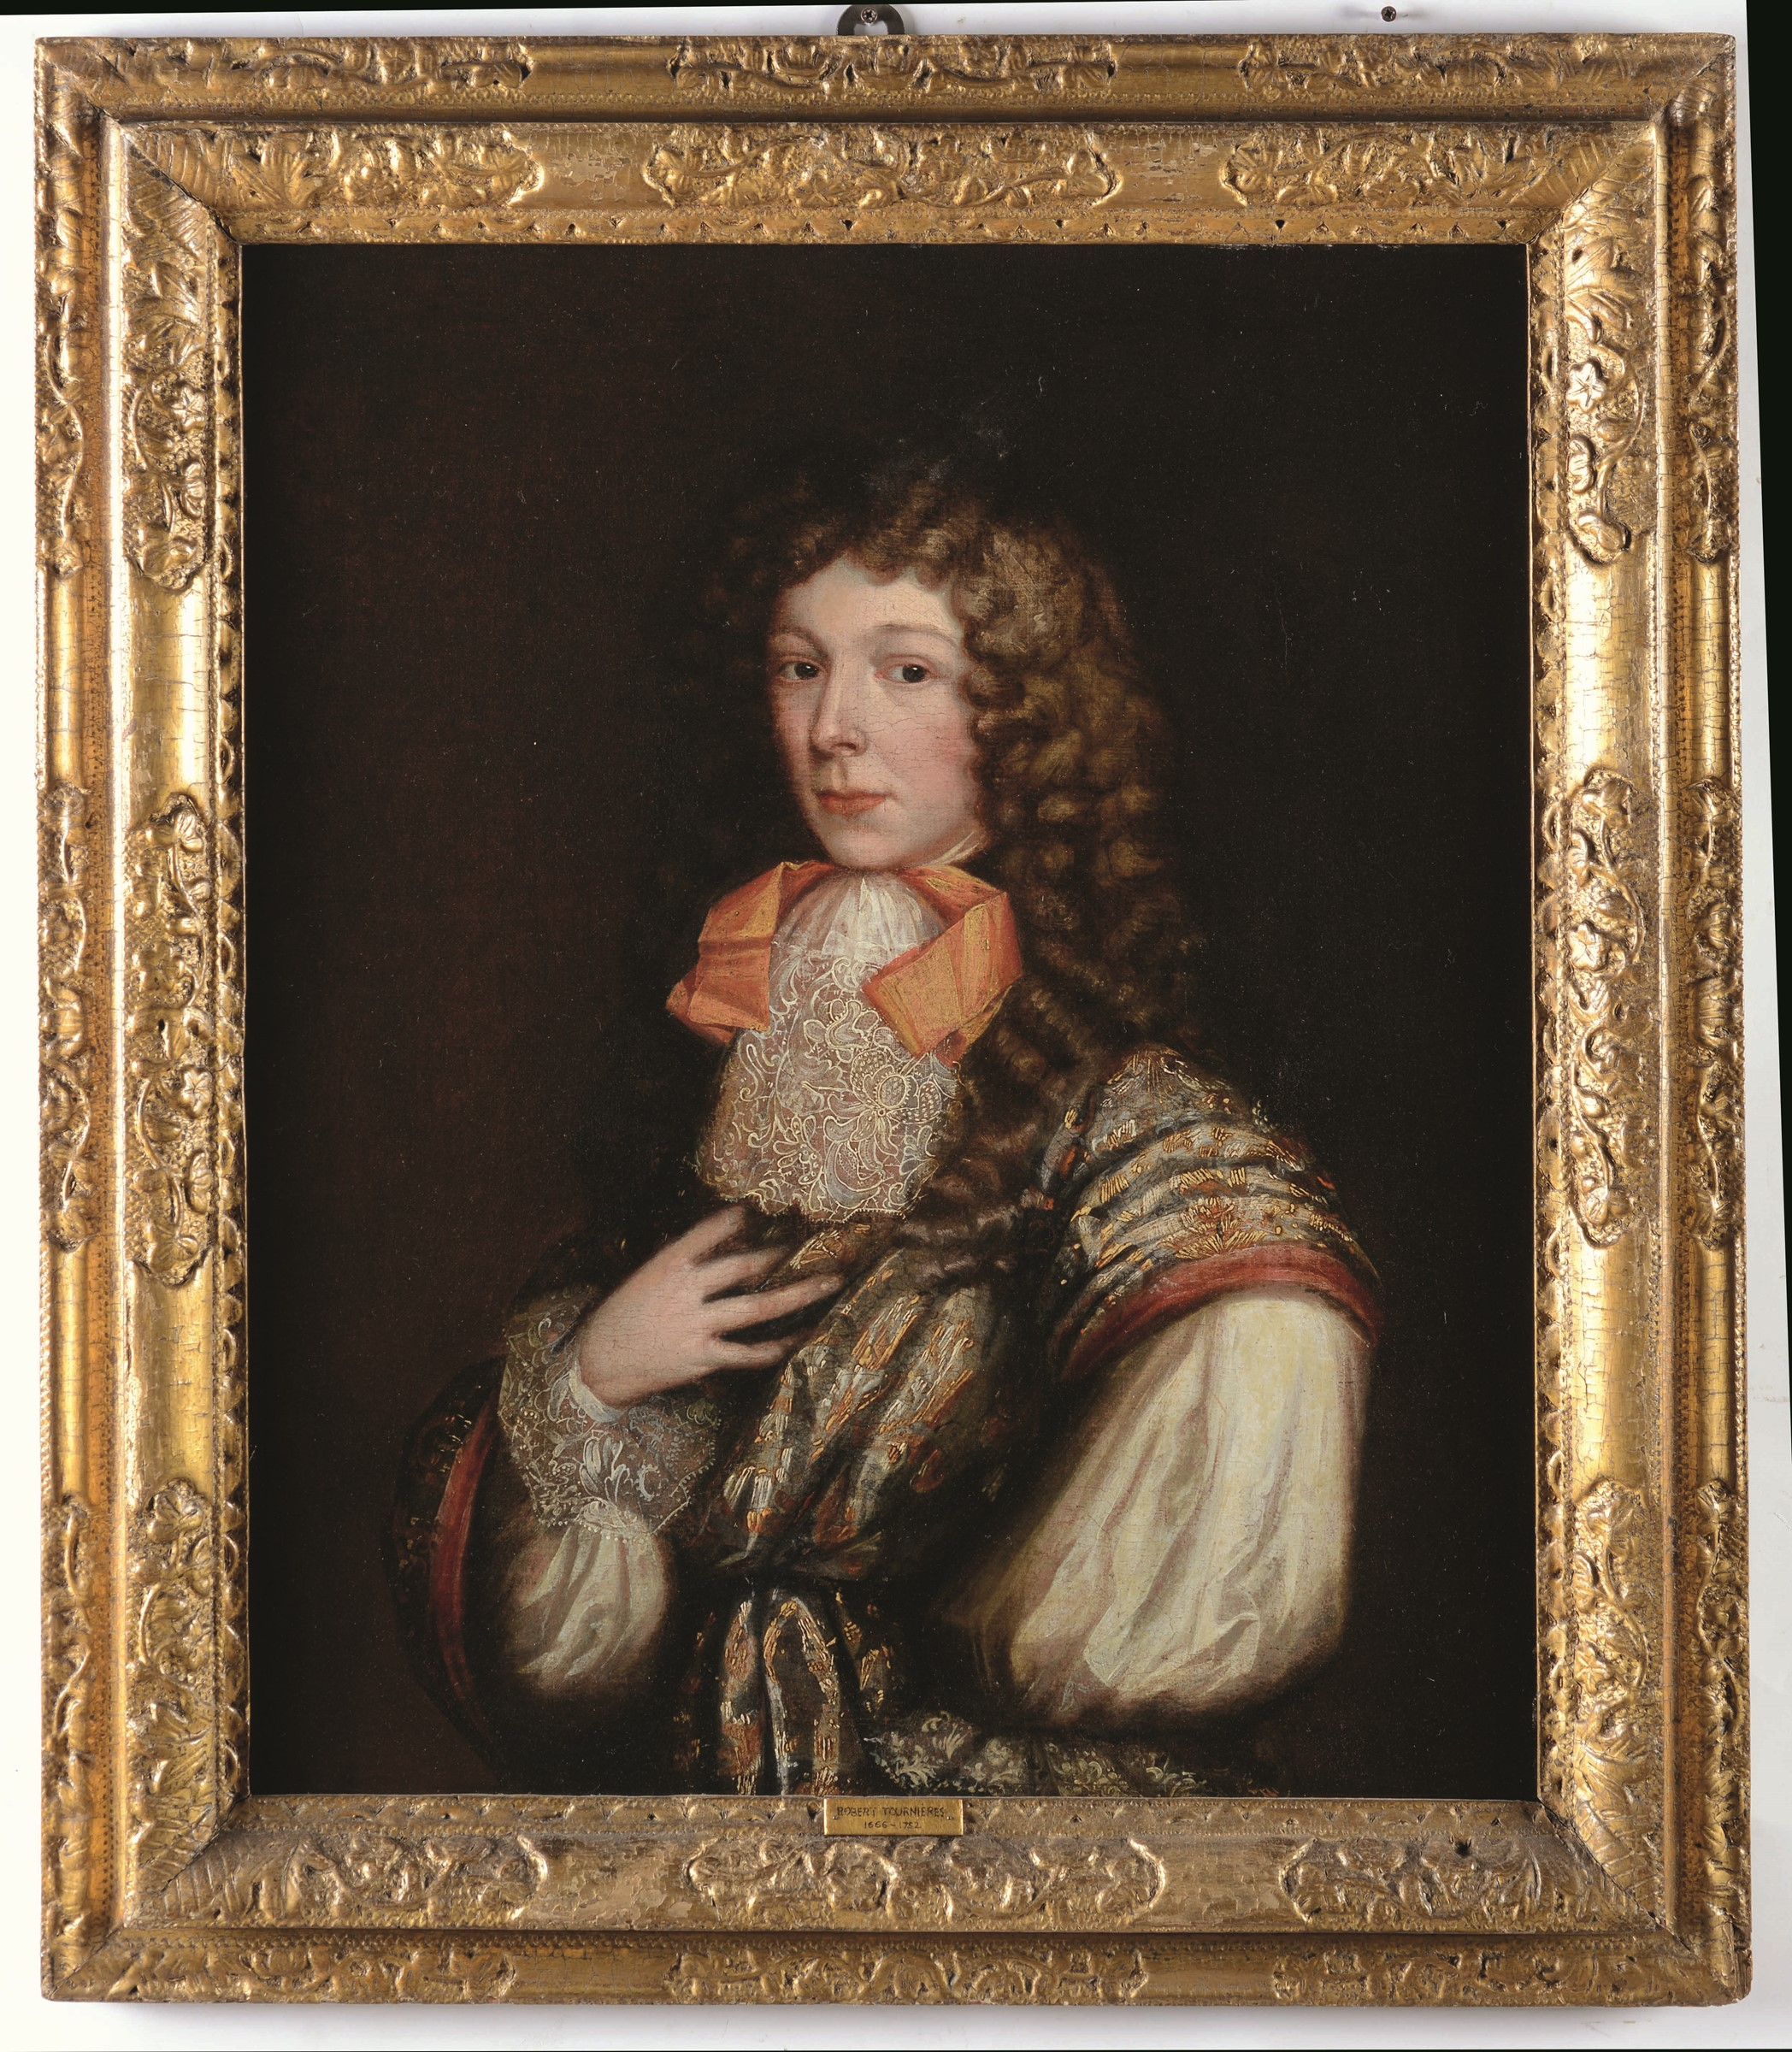 Scuola del Nord Europa della fine del XVII secolo, Ritratto di giovinetto - olio su [...] - Image 3 of 3